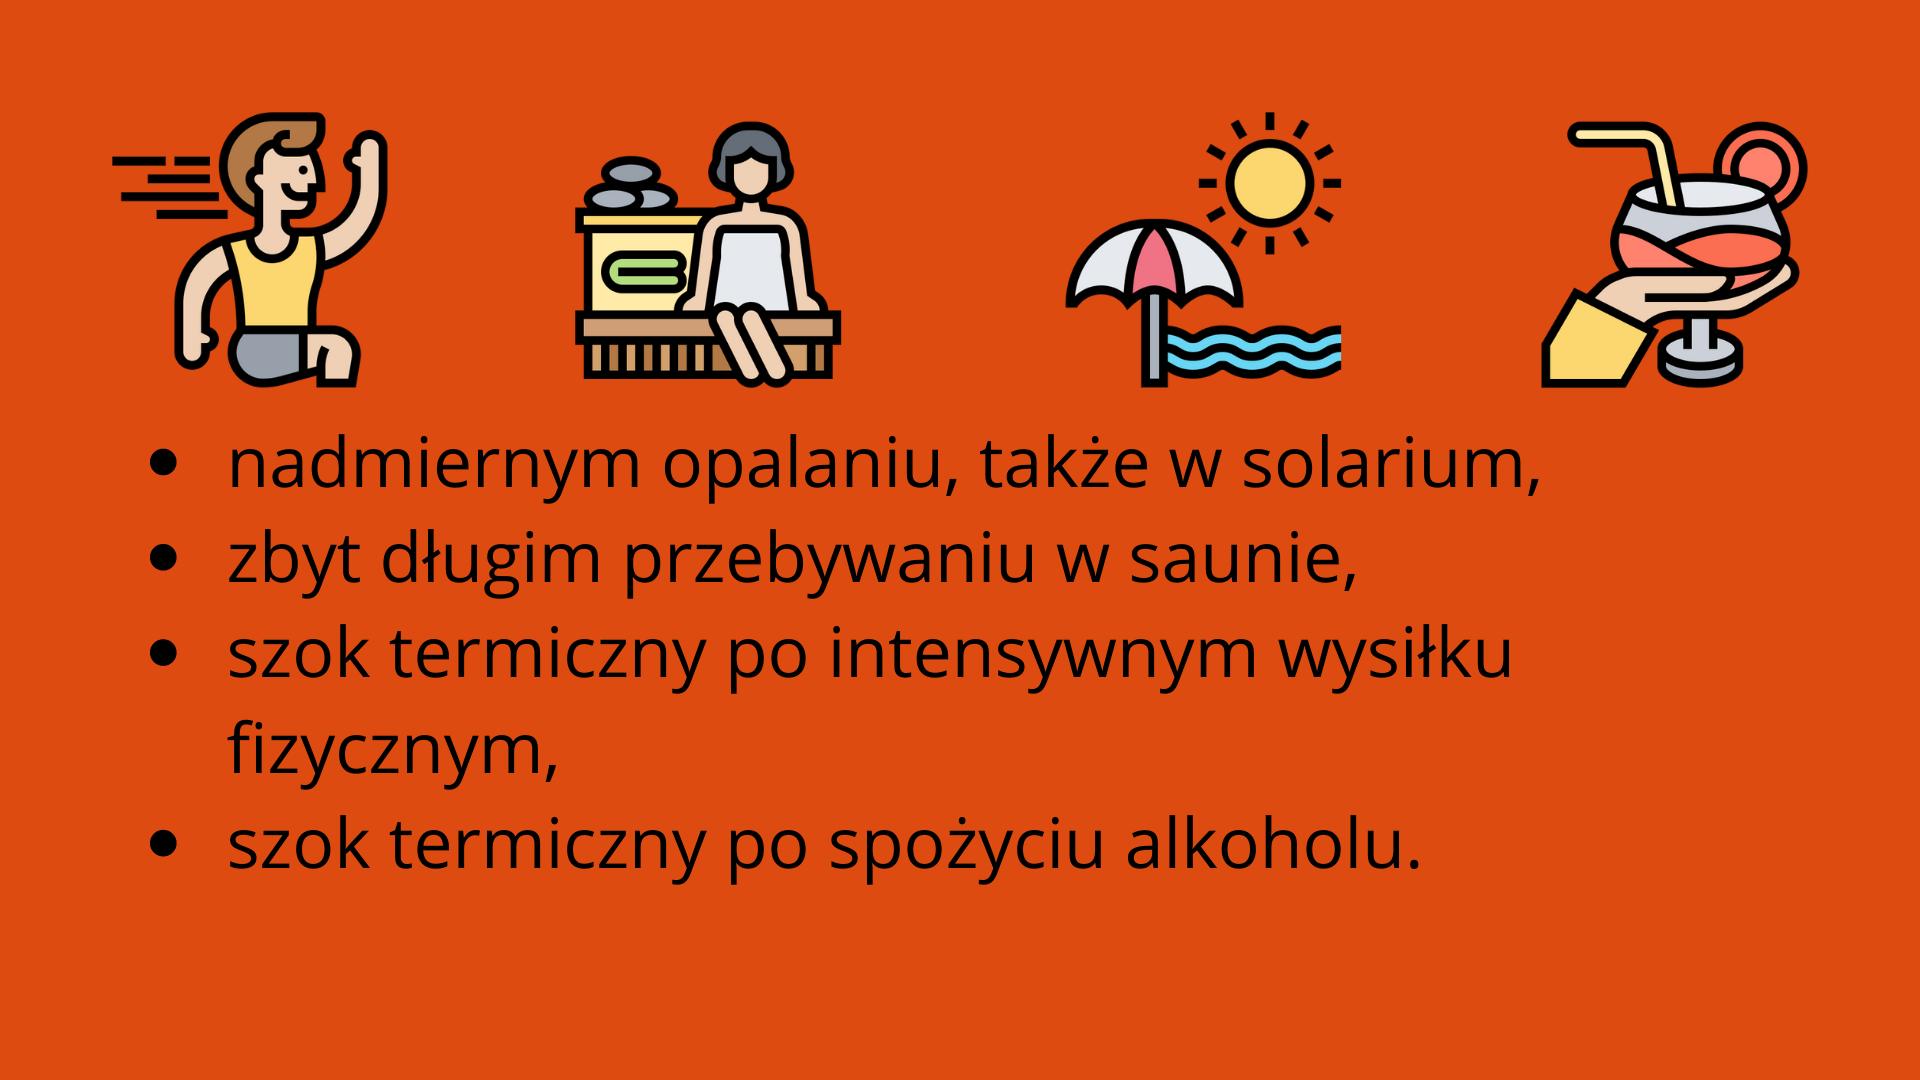 Szok termiczny ikony przedstawiają przyczyny szoku termicznego